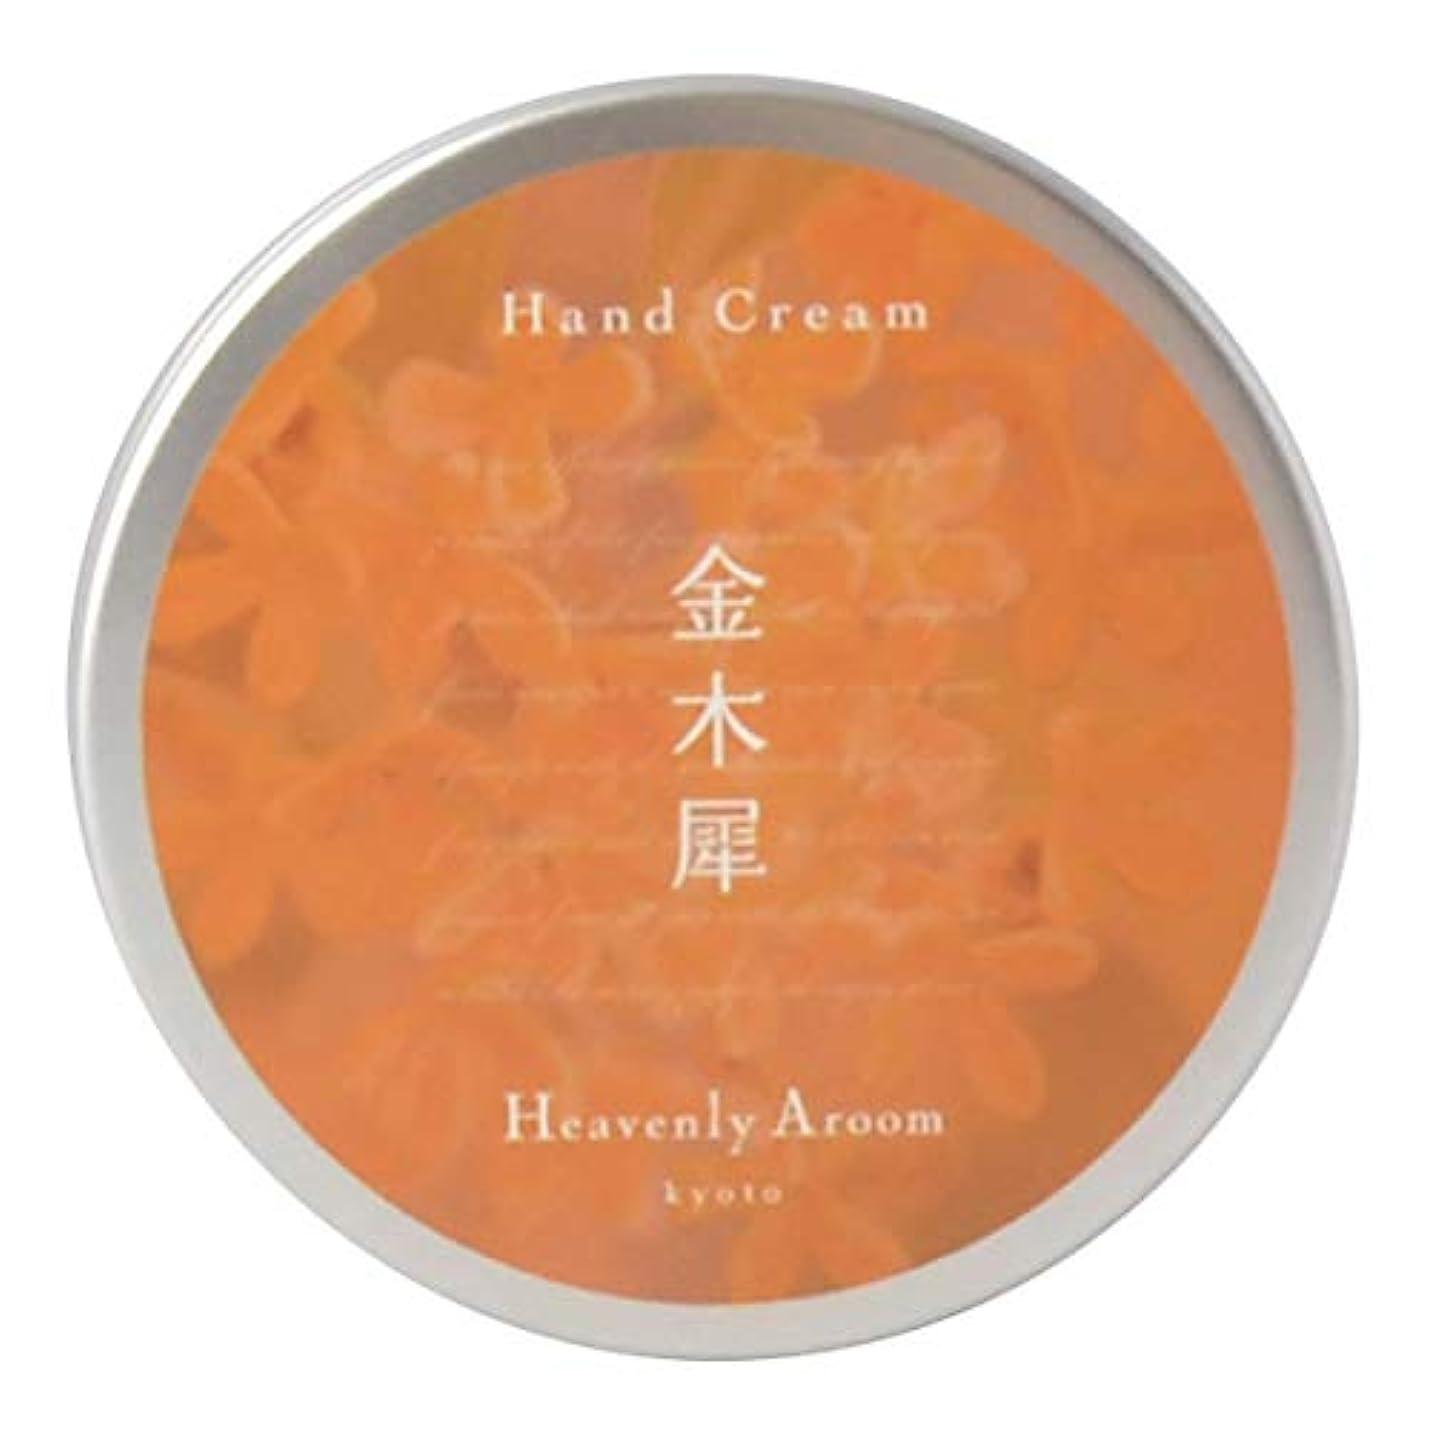 一般化するタイトル義務的Heavenly Aroom ハンドクリーム 金木犀 75g